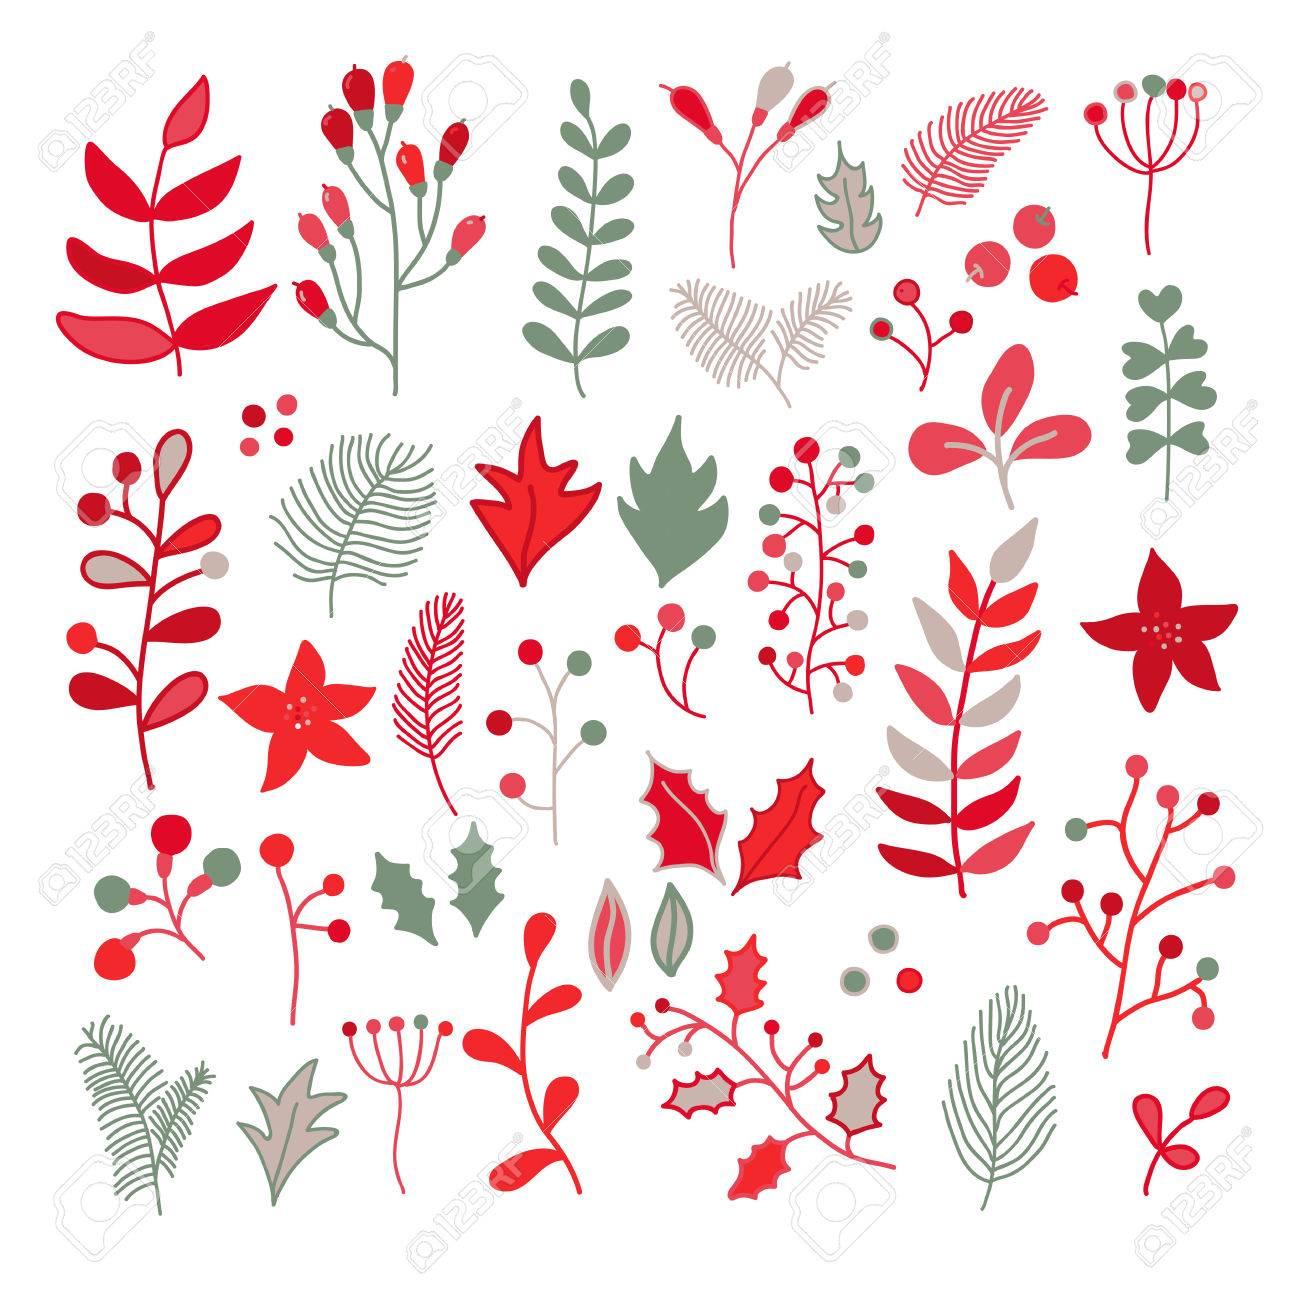 Navidad Floral Vector Conjunto De Dibujos Con Acebo Flor De Pascua